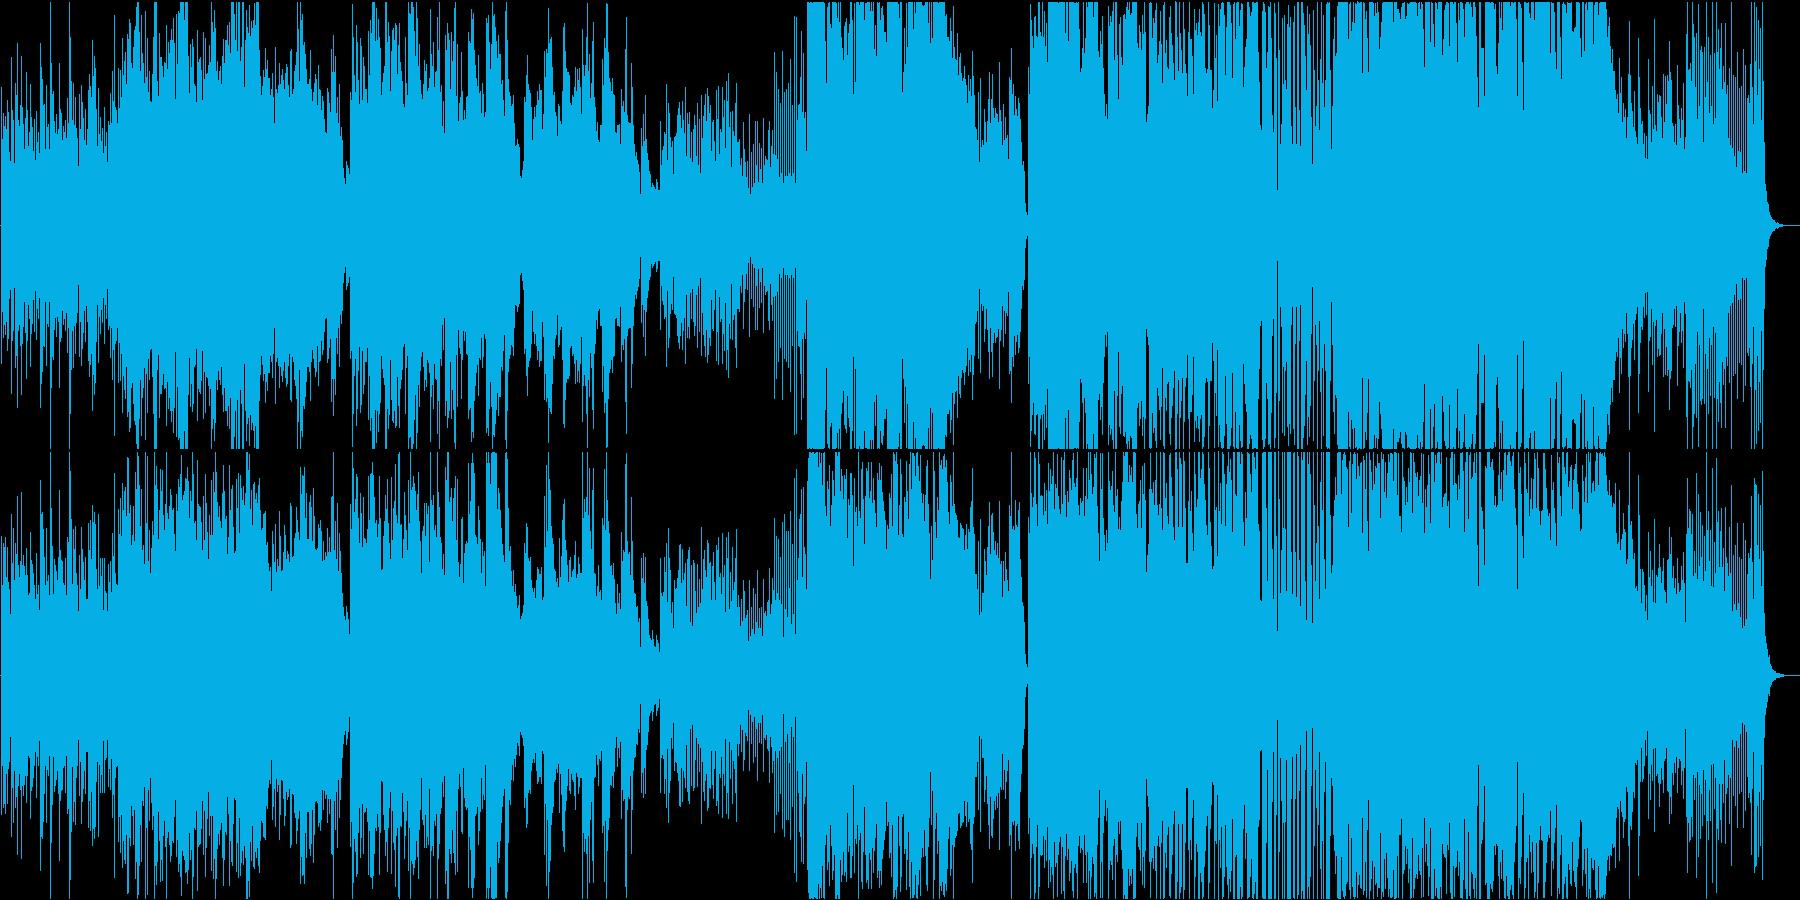 古き良き日本を思い出すインスト曲の再生済みの波形